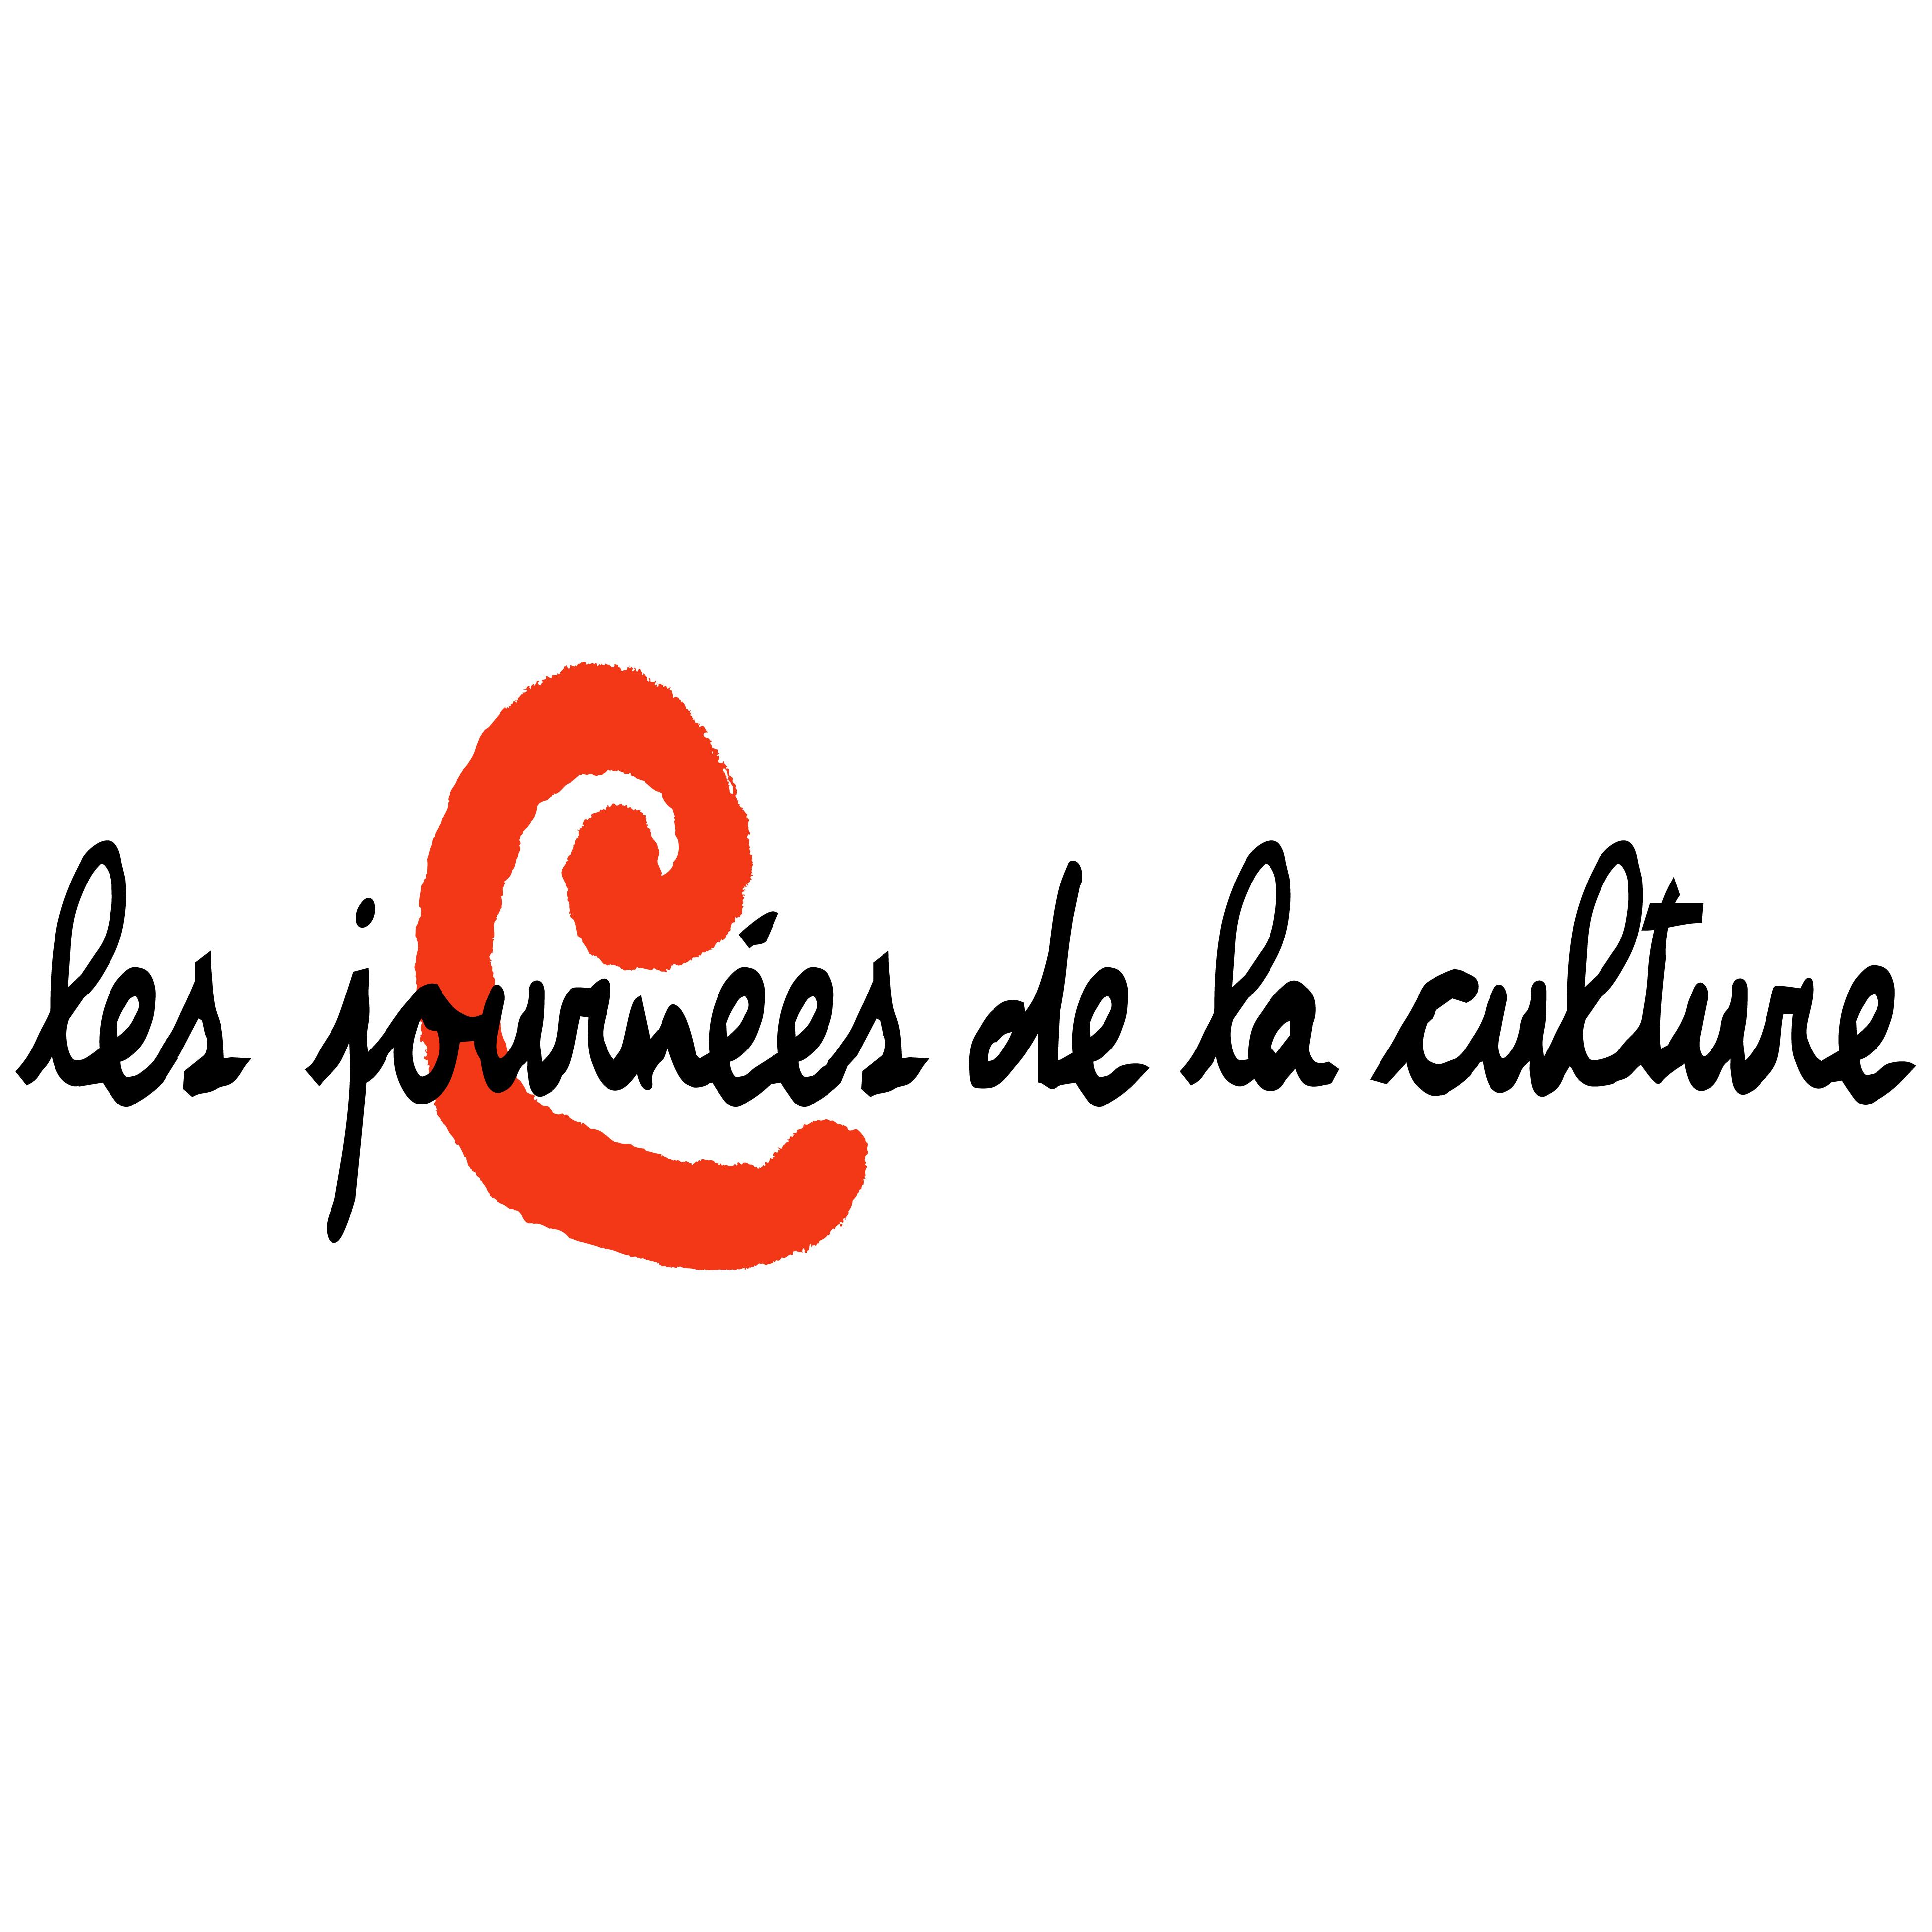 Blainville - Les journées de la culture